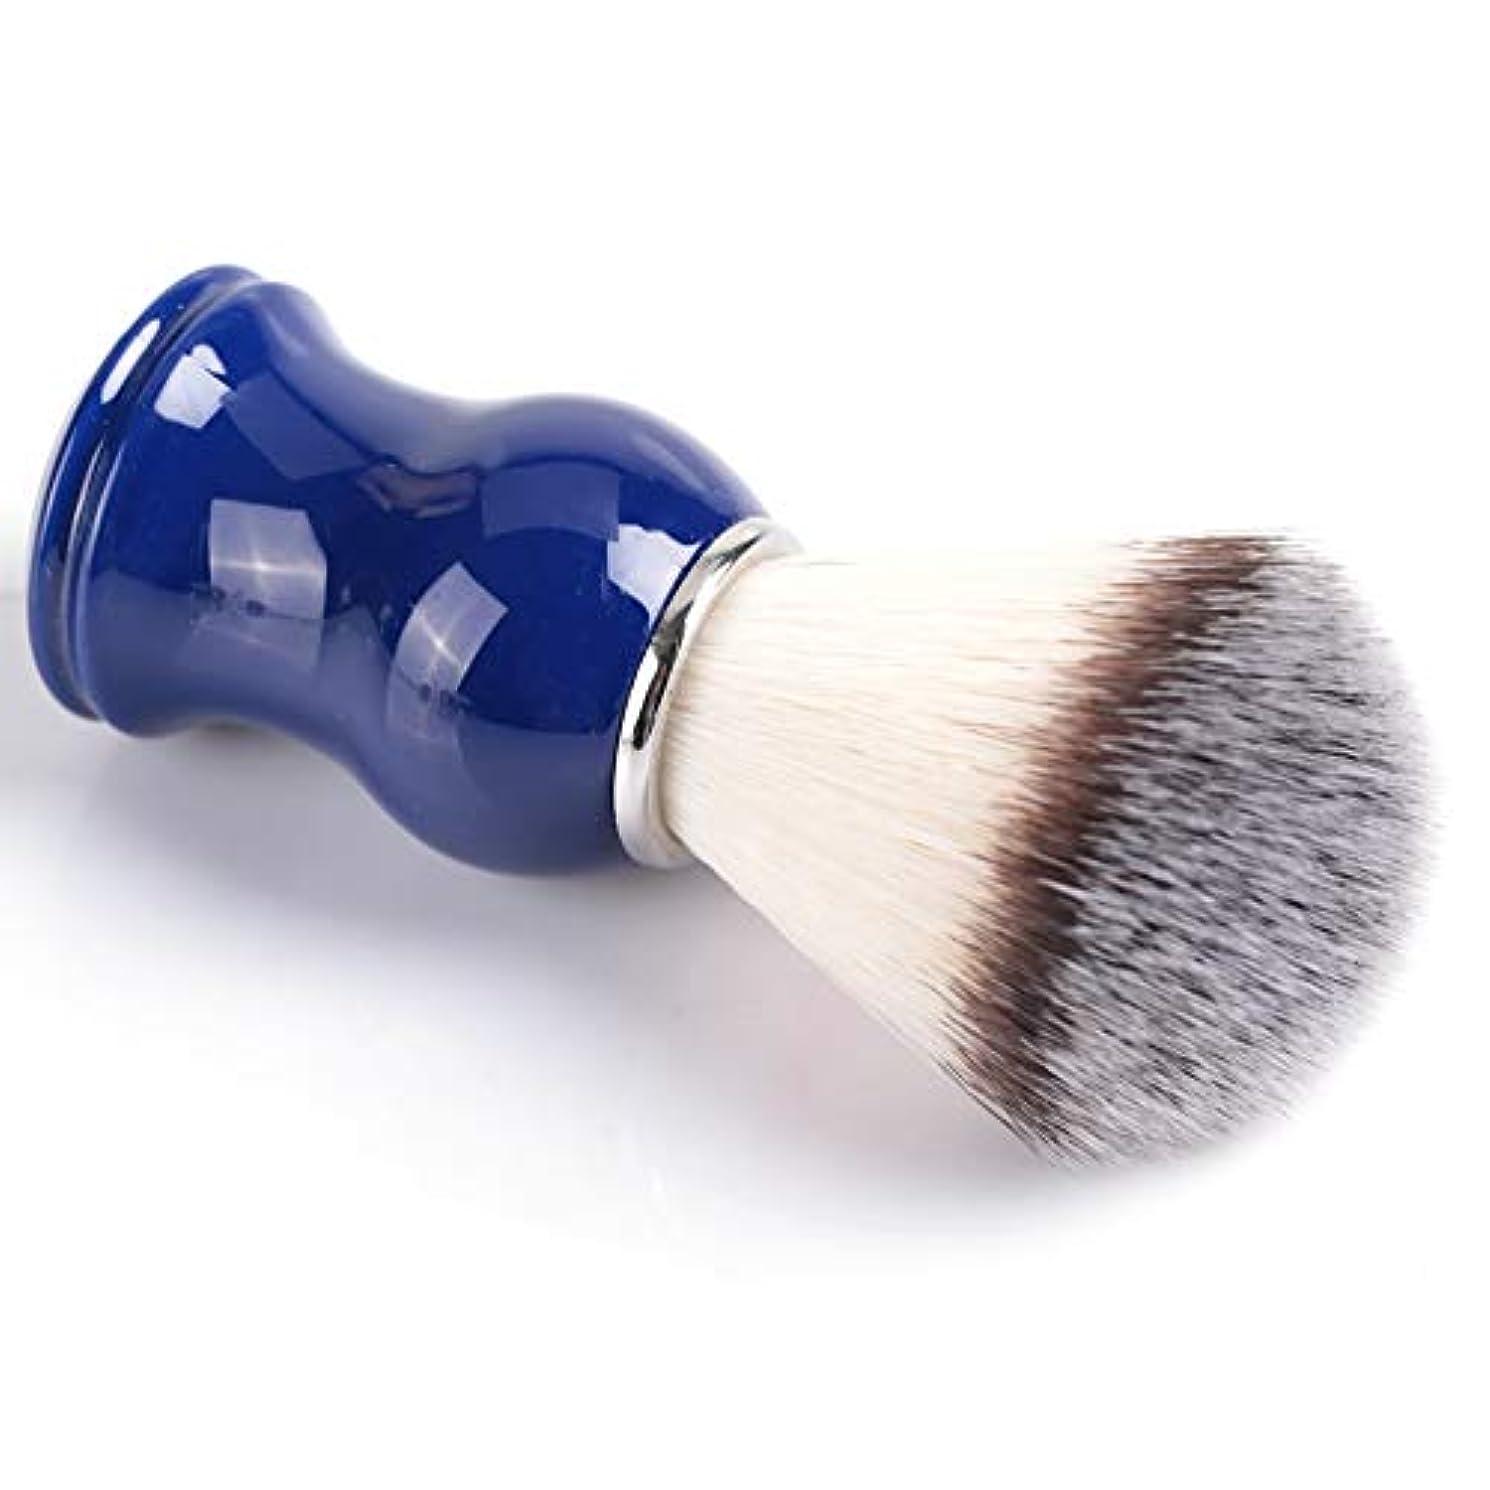 比較的ビルジャンプするひげブラシ 髭剃り メンズ シェービングブラシ 木製コム 毛髭ブラシバッガーヘア シェービングブラシ ポータブルひげ剃り美容(ナイロン)